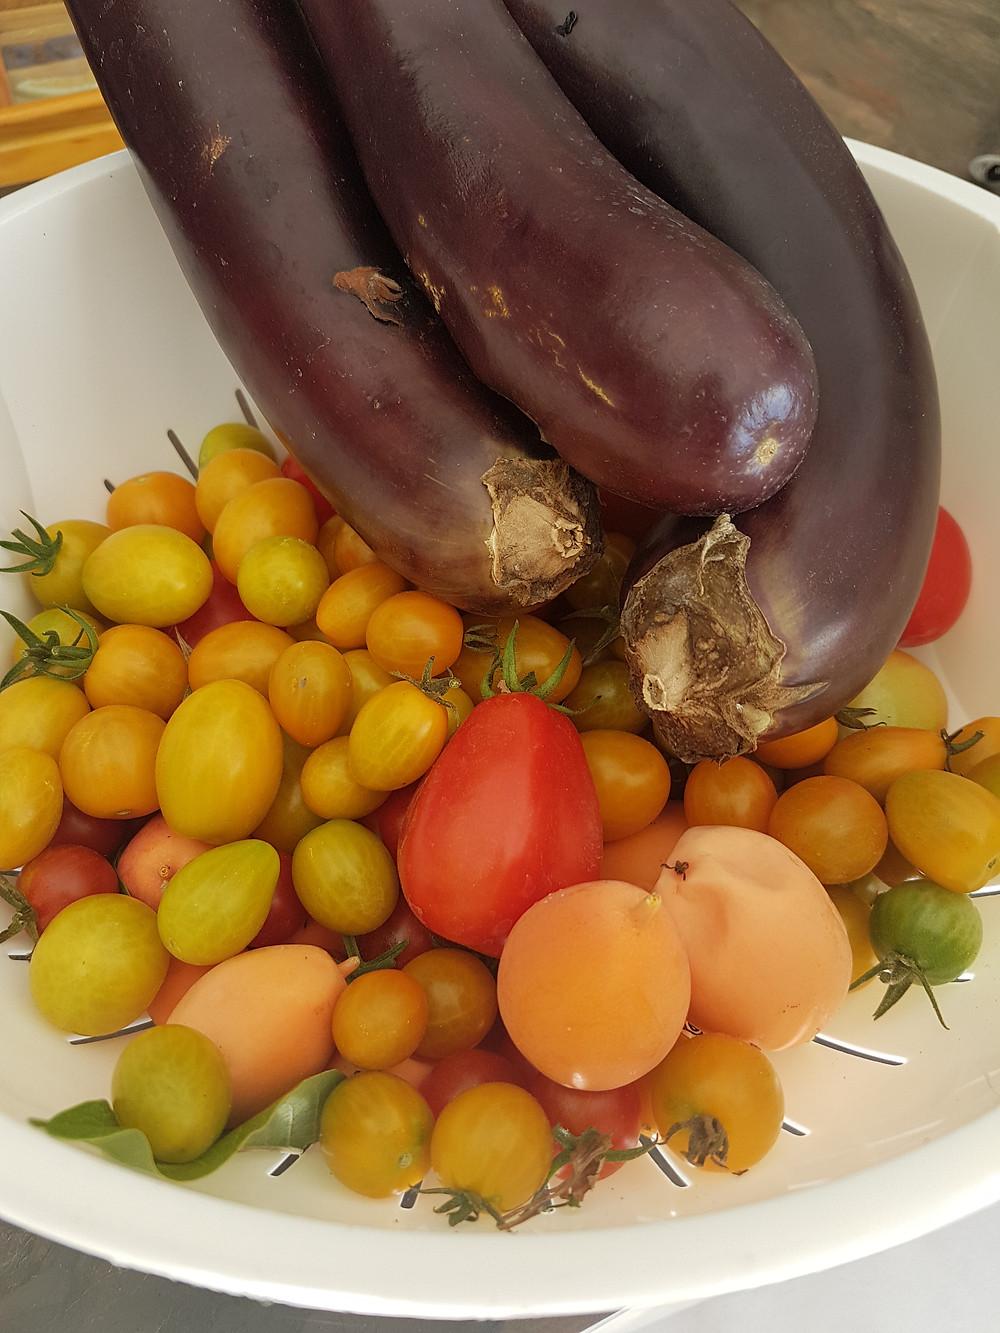 fruits et légumes à cueillir...